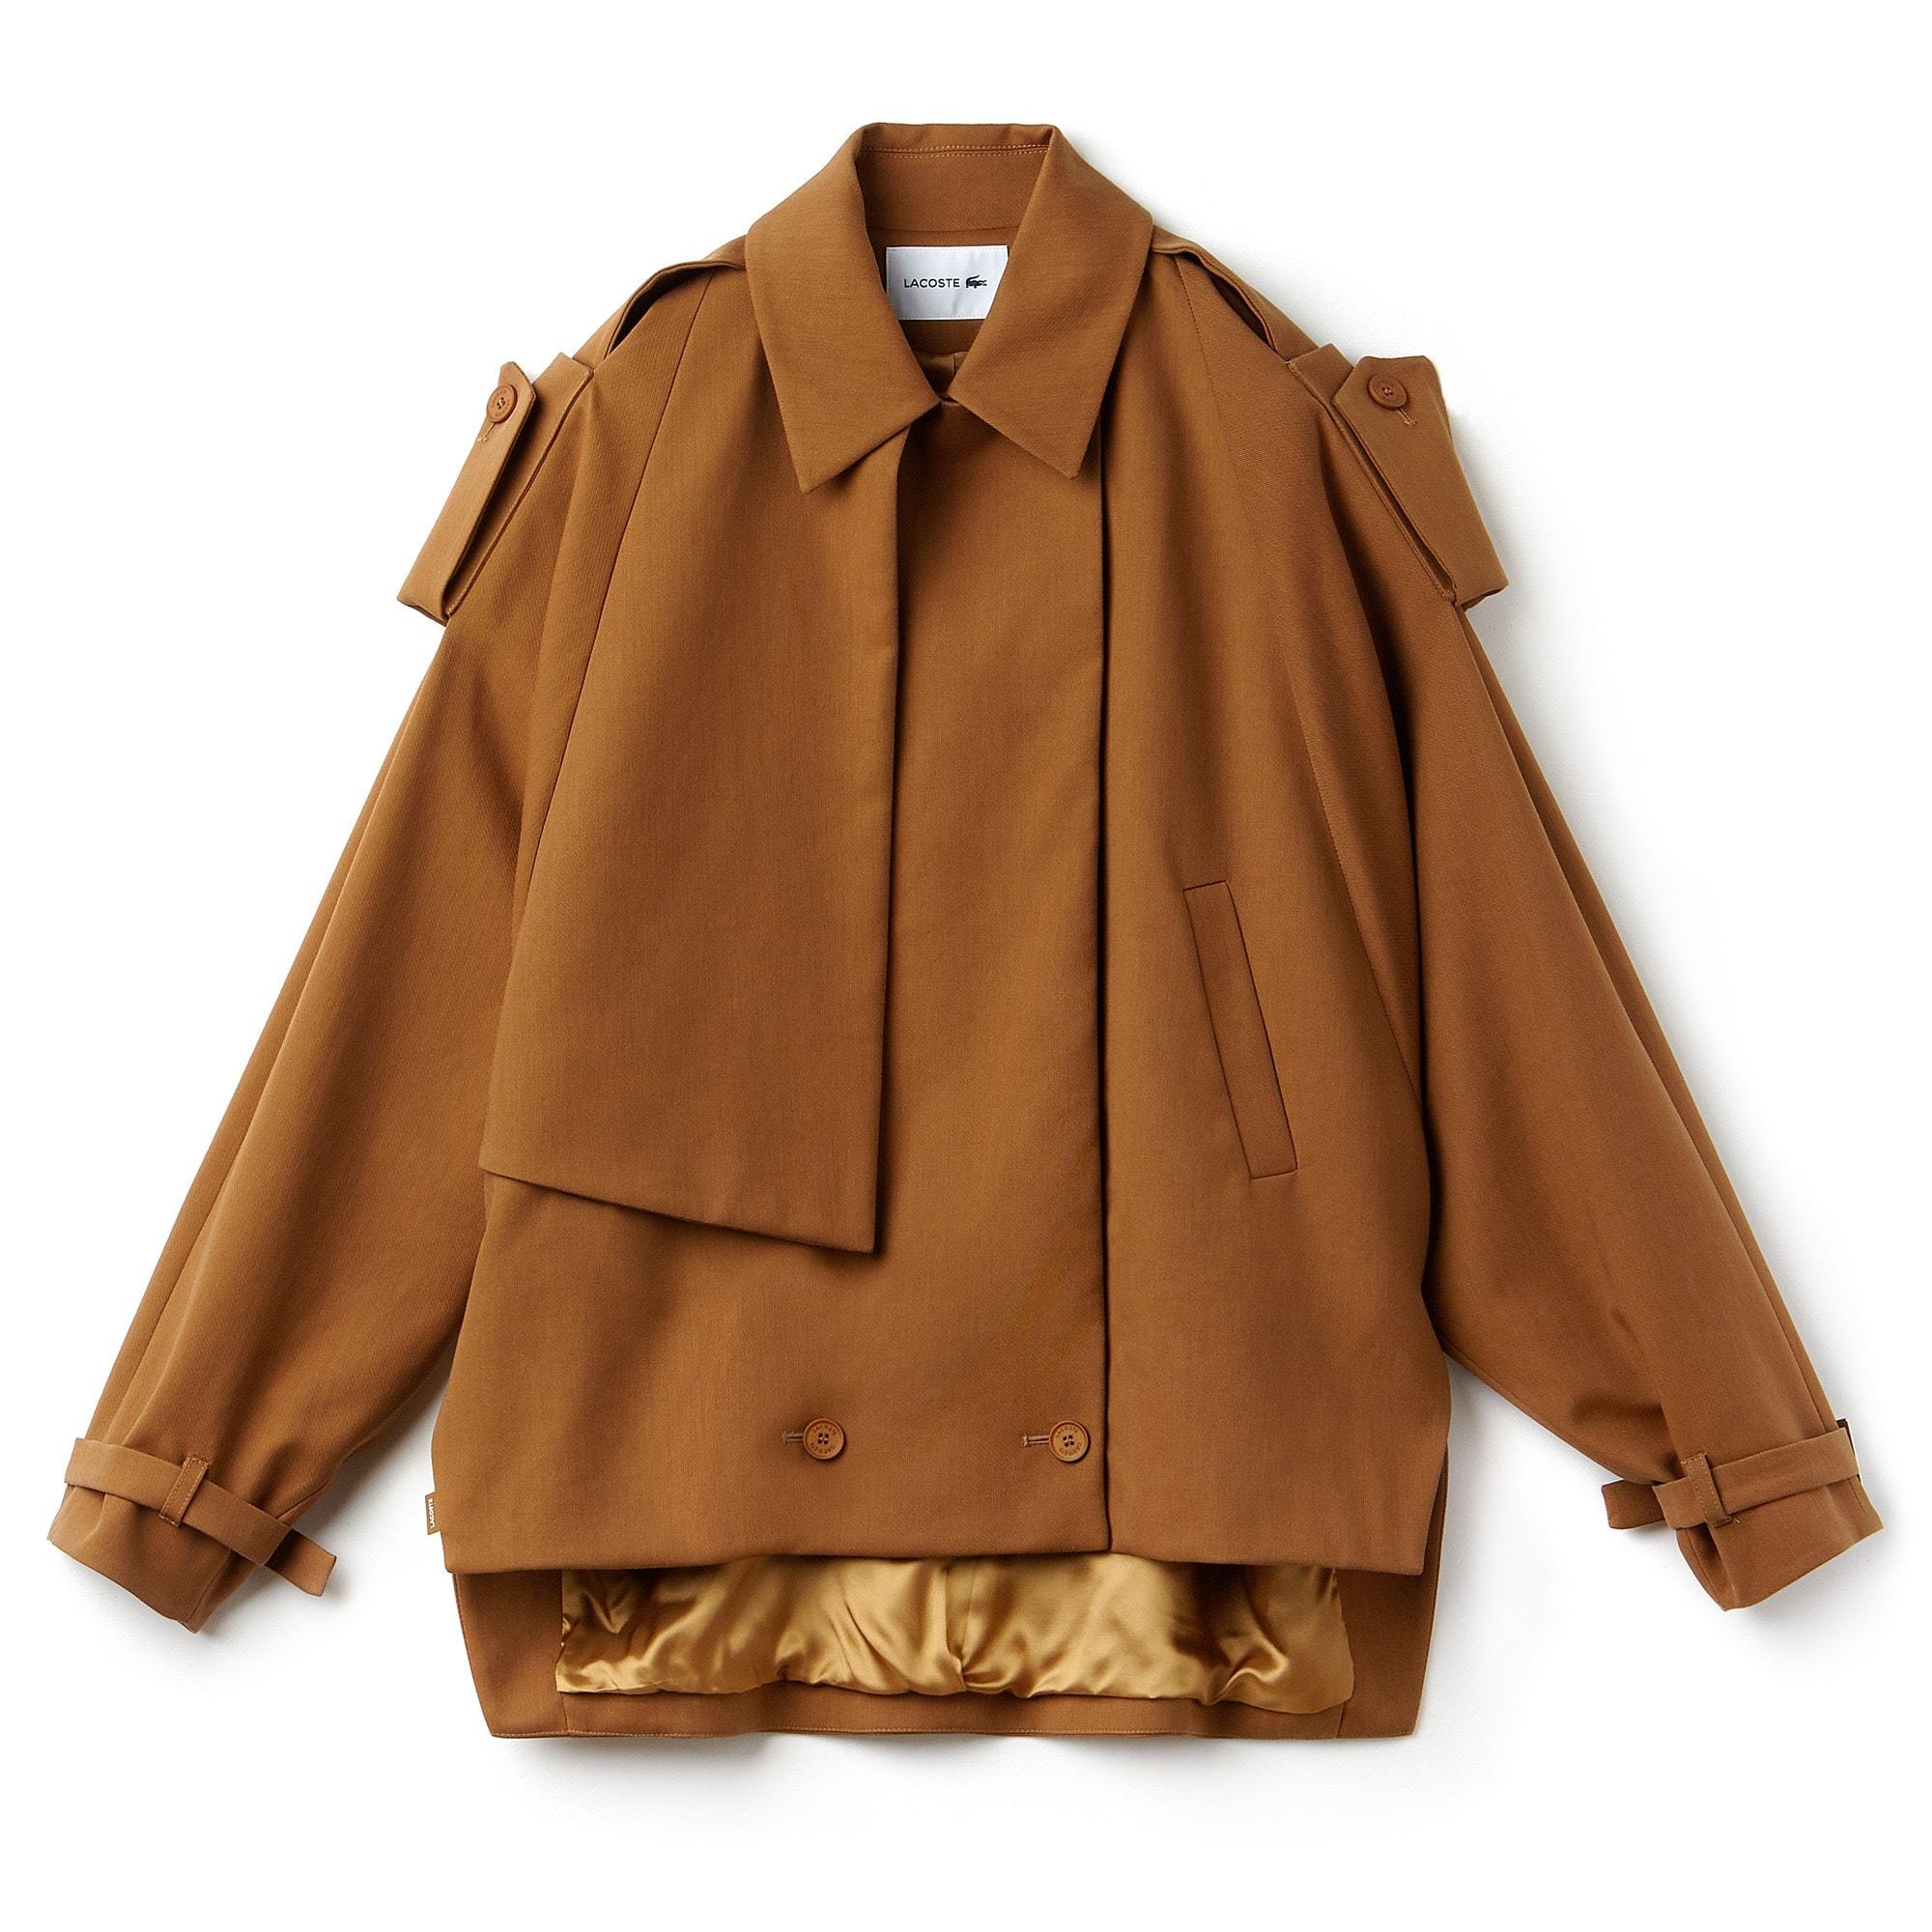 Damen-Caban-Mantel aus wasserabweisender Gabardine